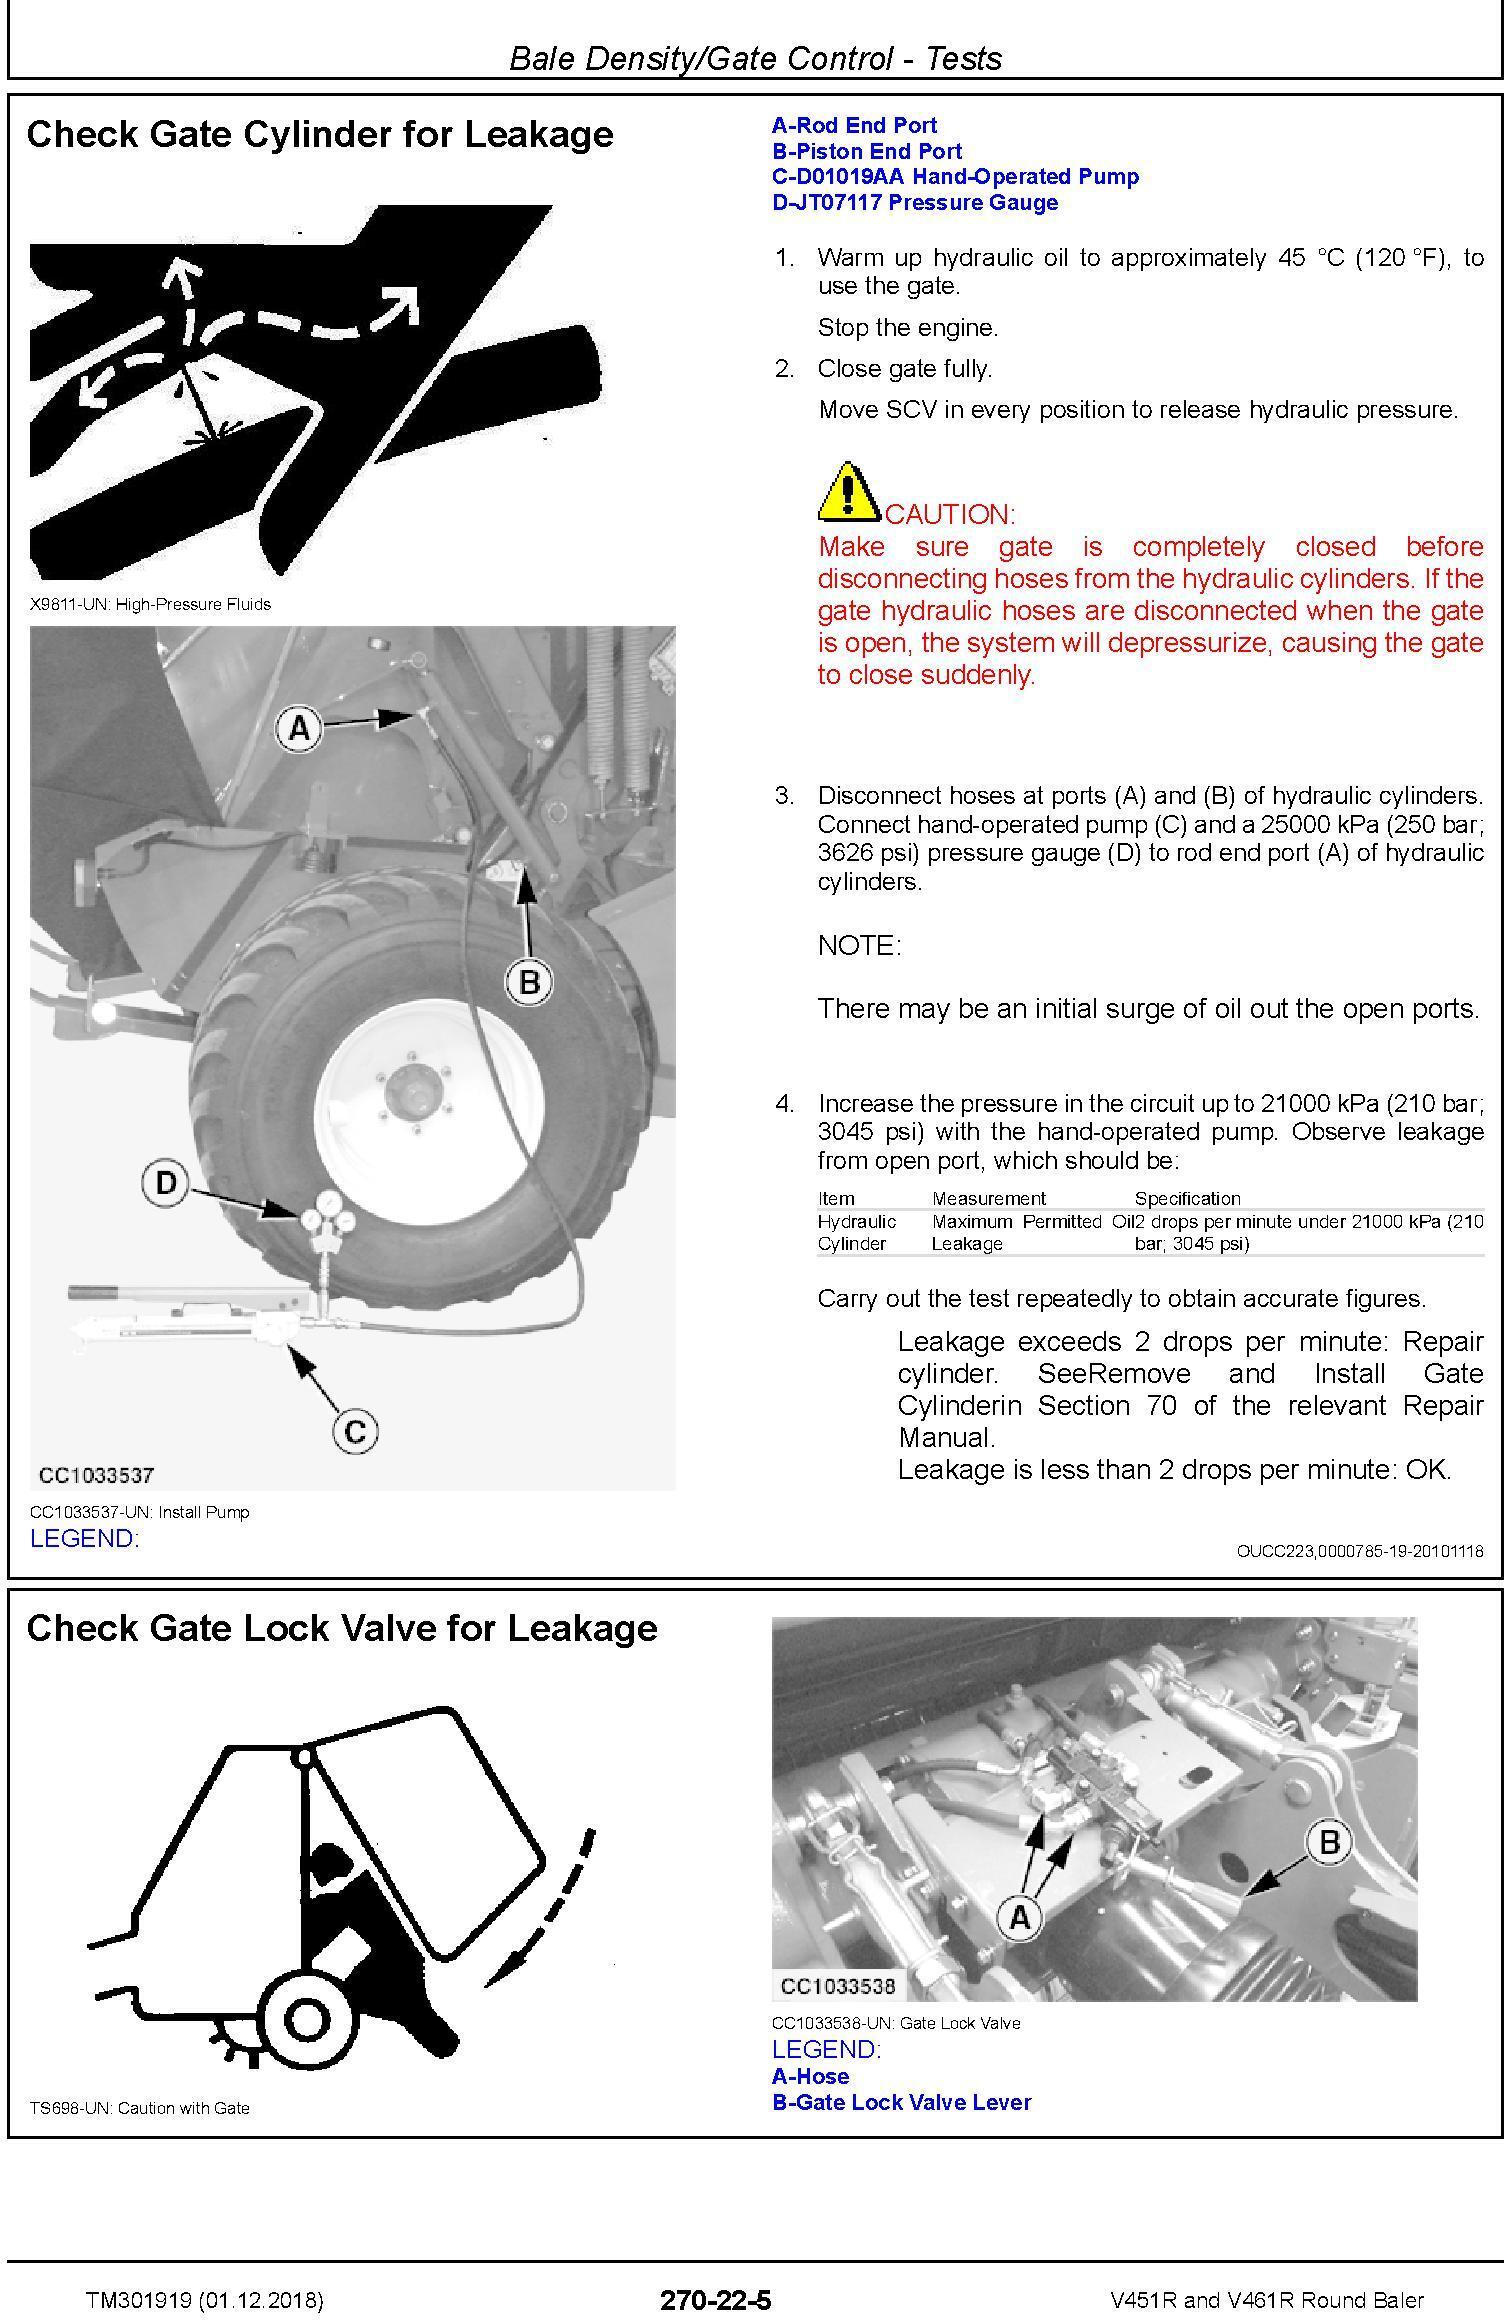 John Deere V451R and V461R Round Baler Diagnostic Technical Manual (TM301919) - 3